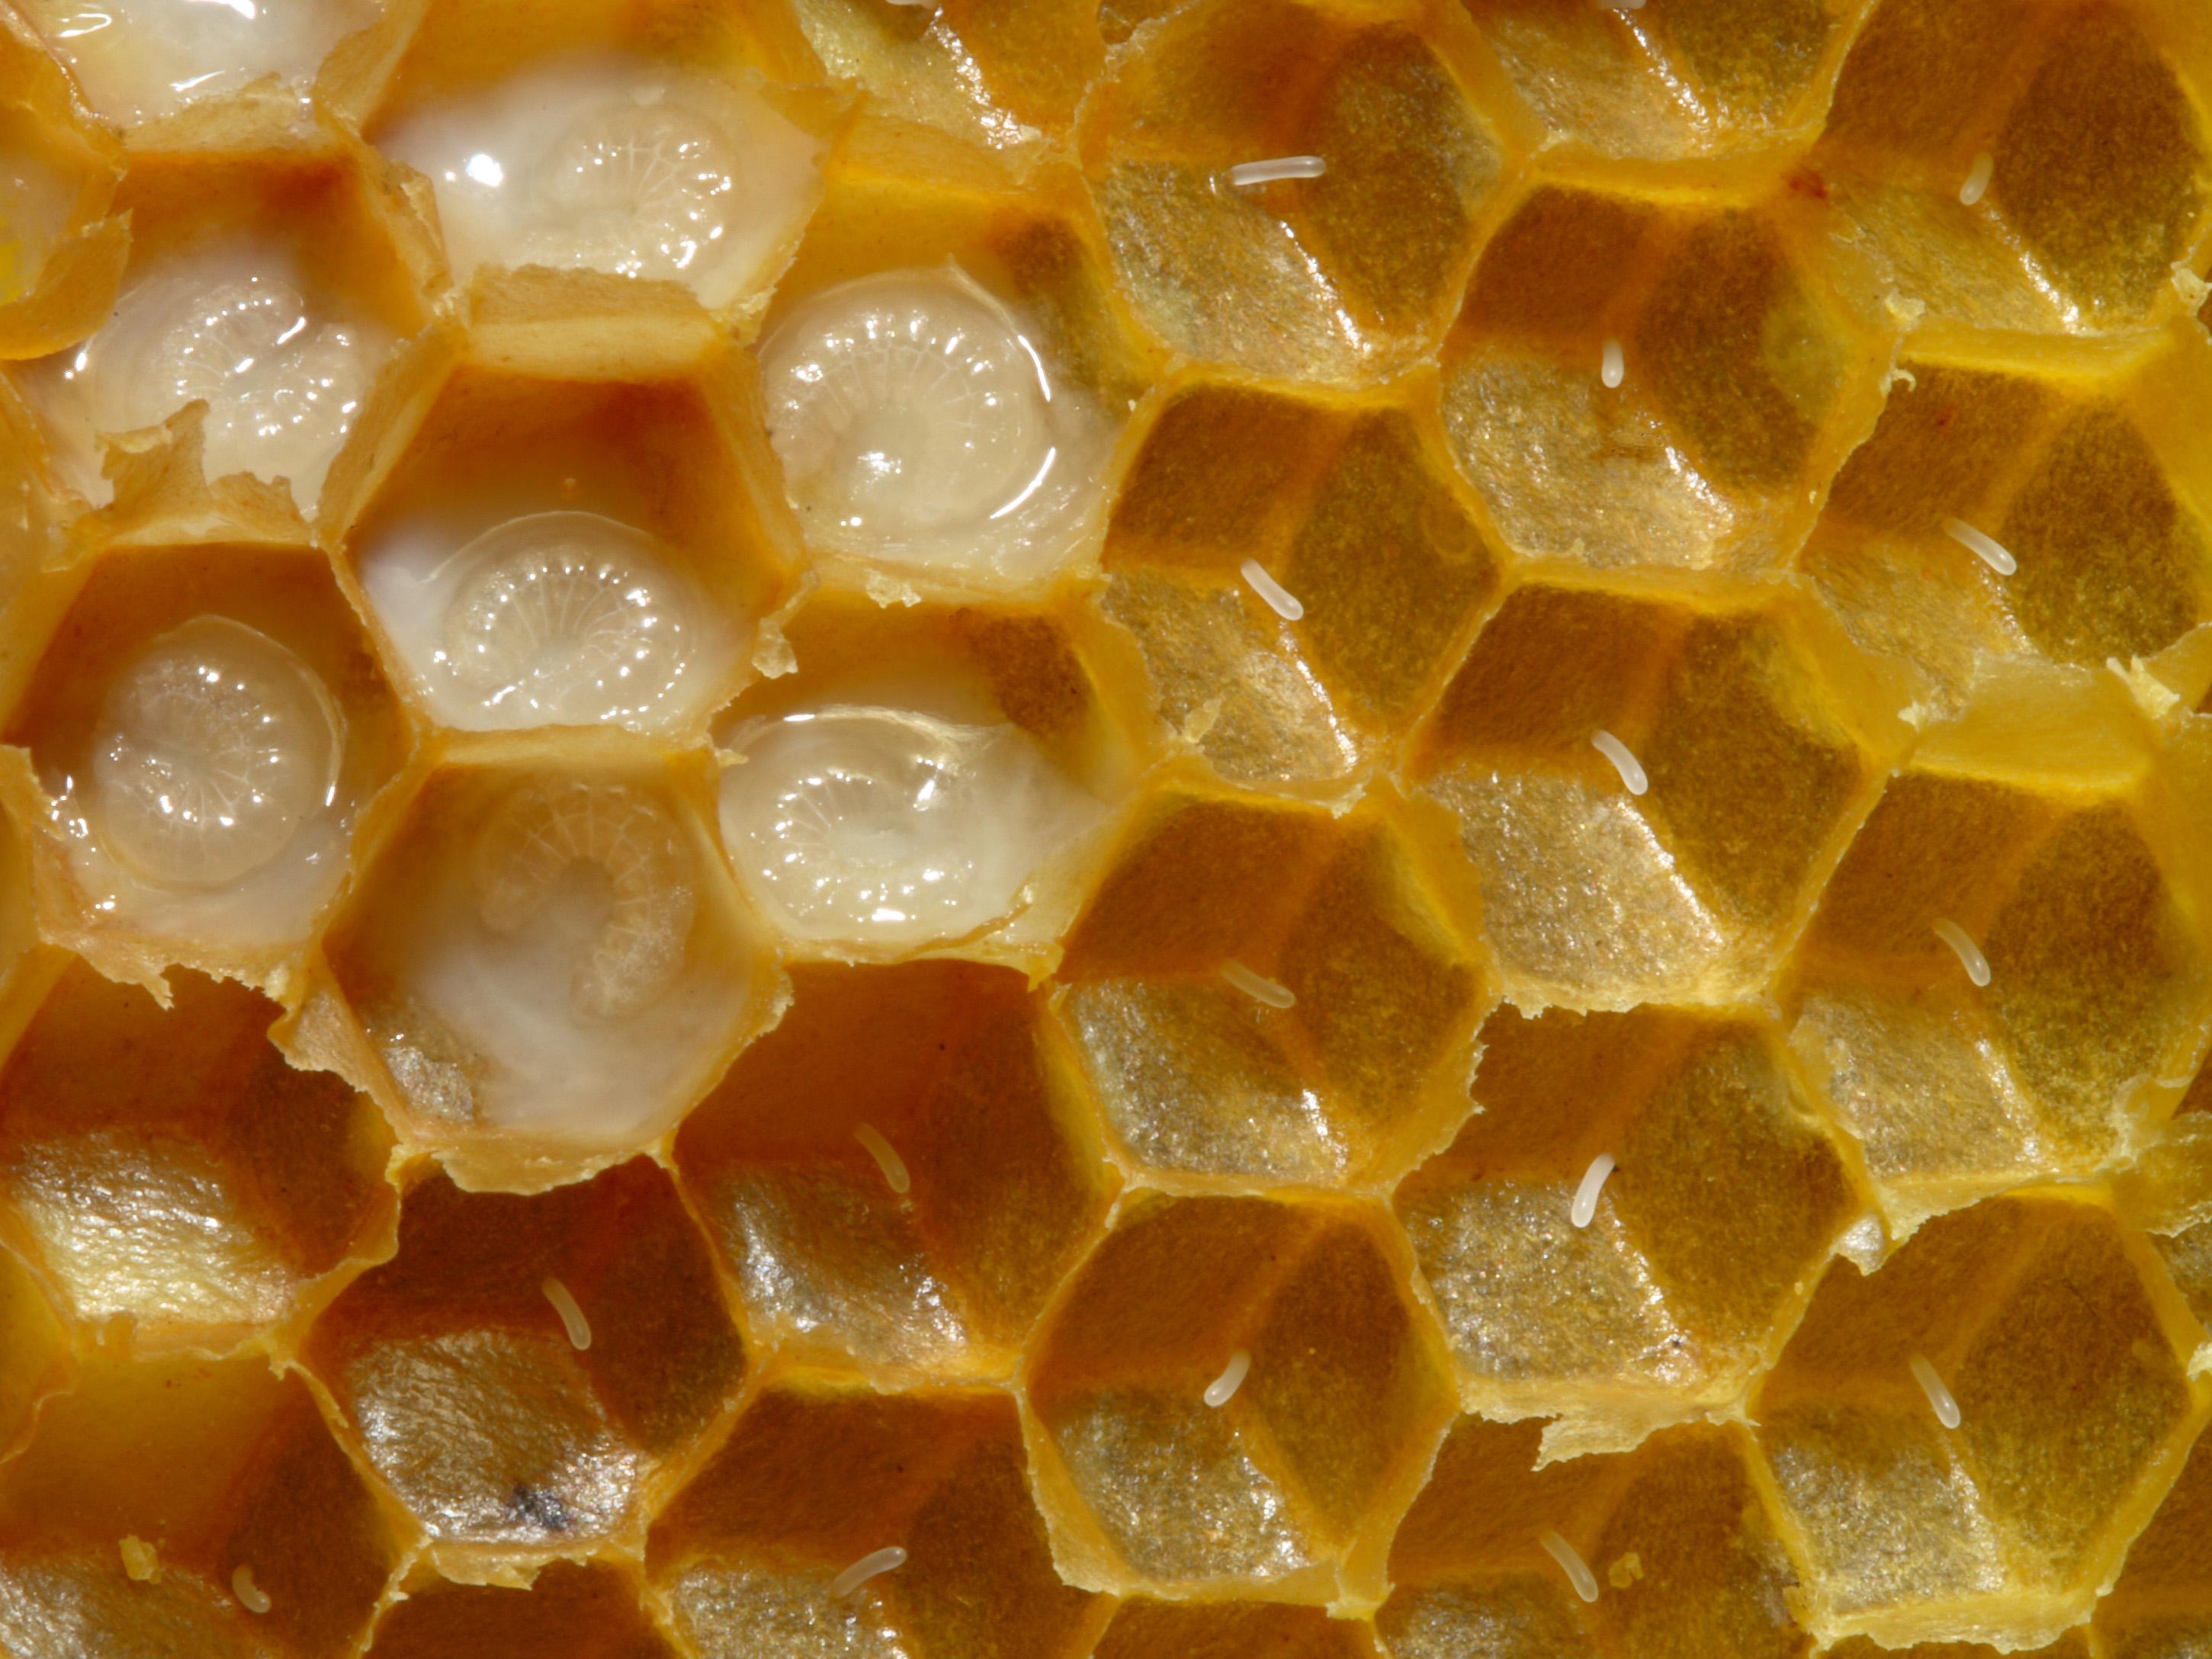 Honey Bee Eggs In The Brood Nest Honey Bee Suite